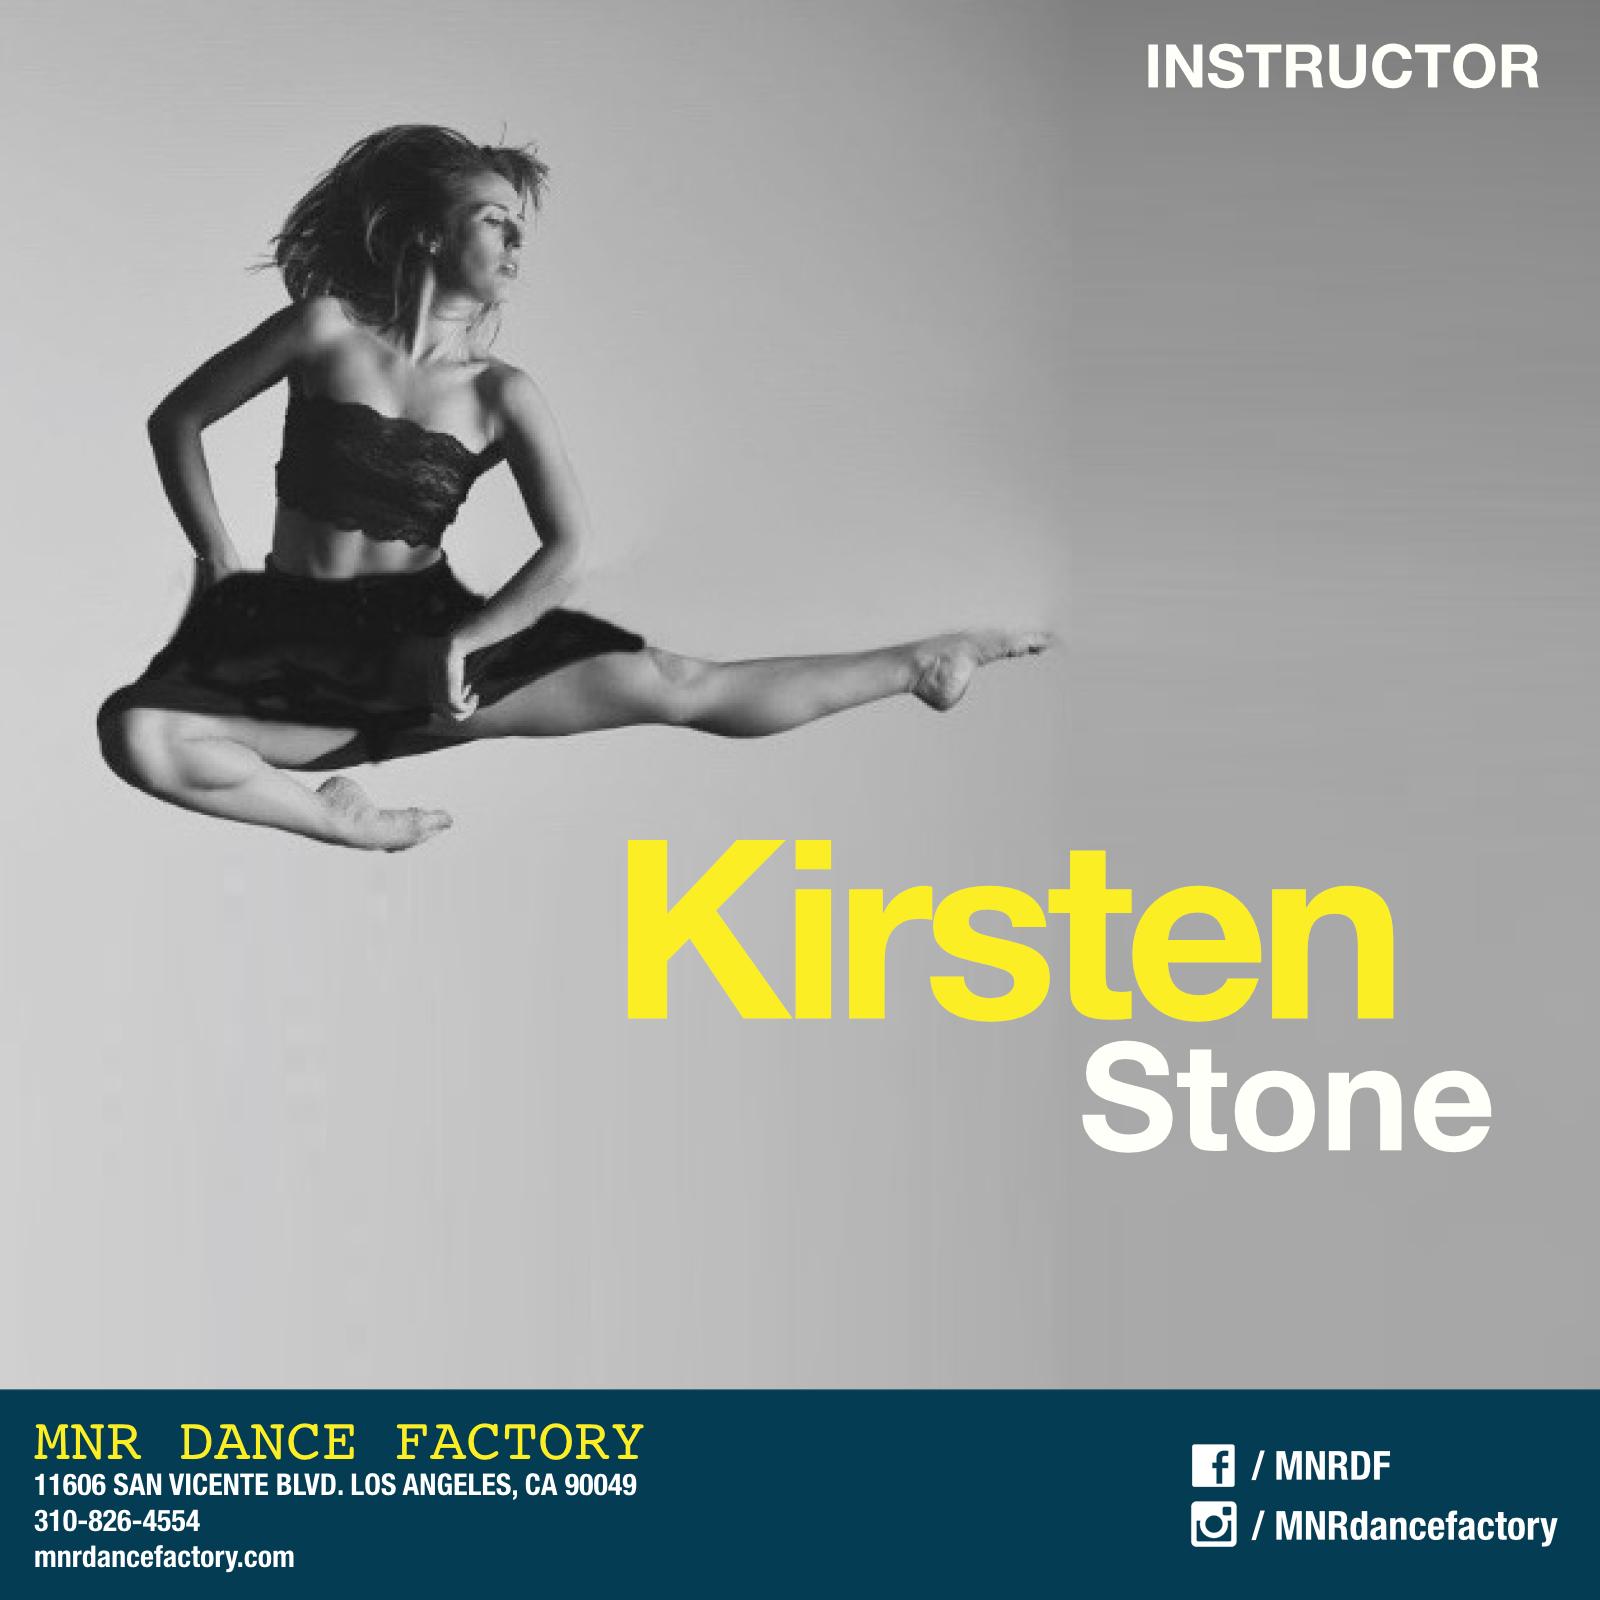 IG_KirstenStone.jpg